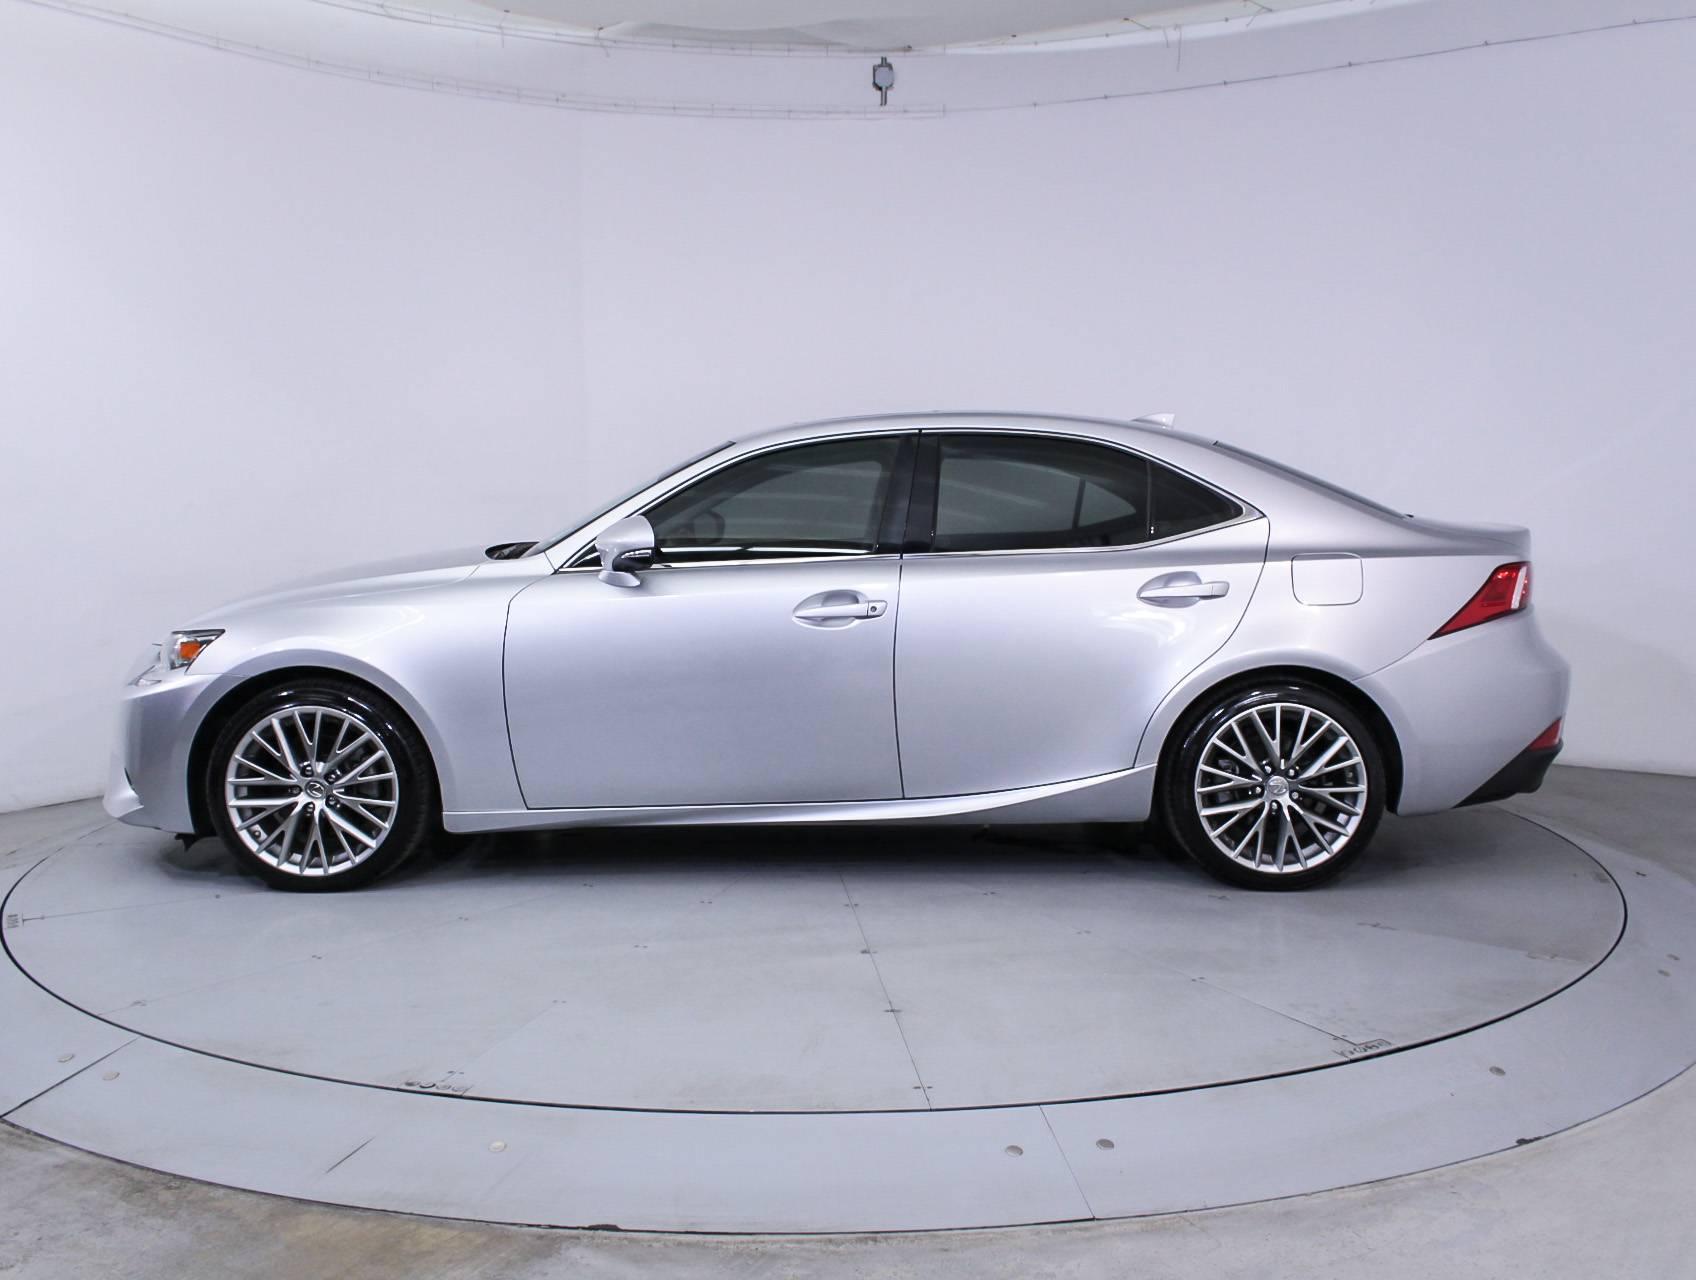 Used 2014 LEXUS IS 250 Sedan for sale in HOLLYWOOD FL